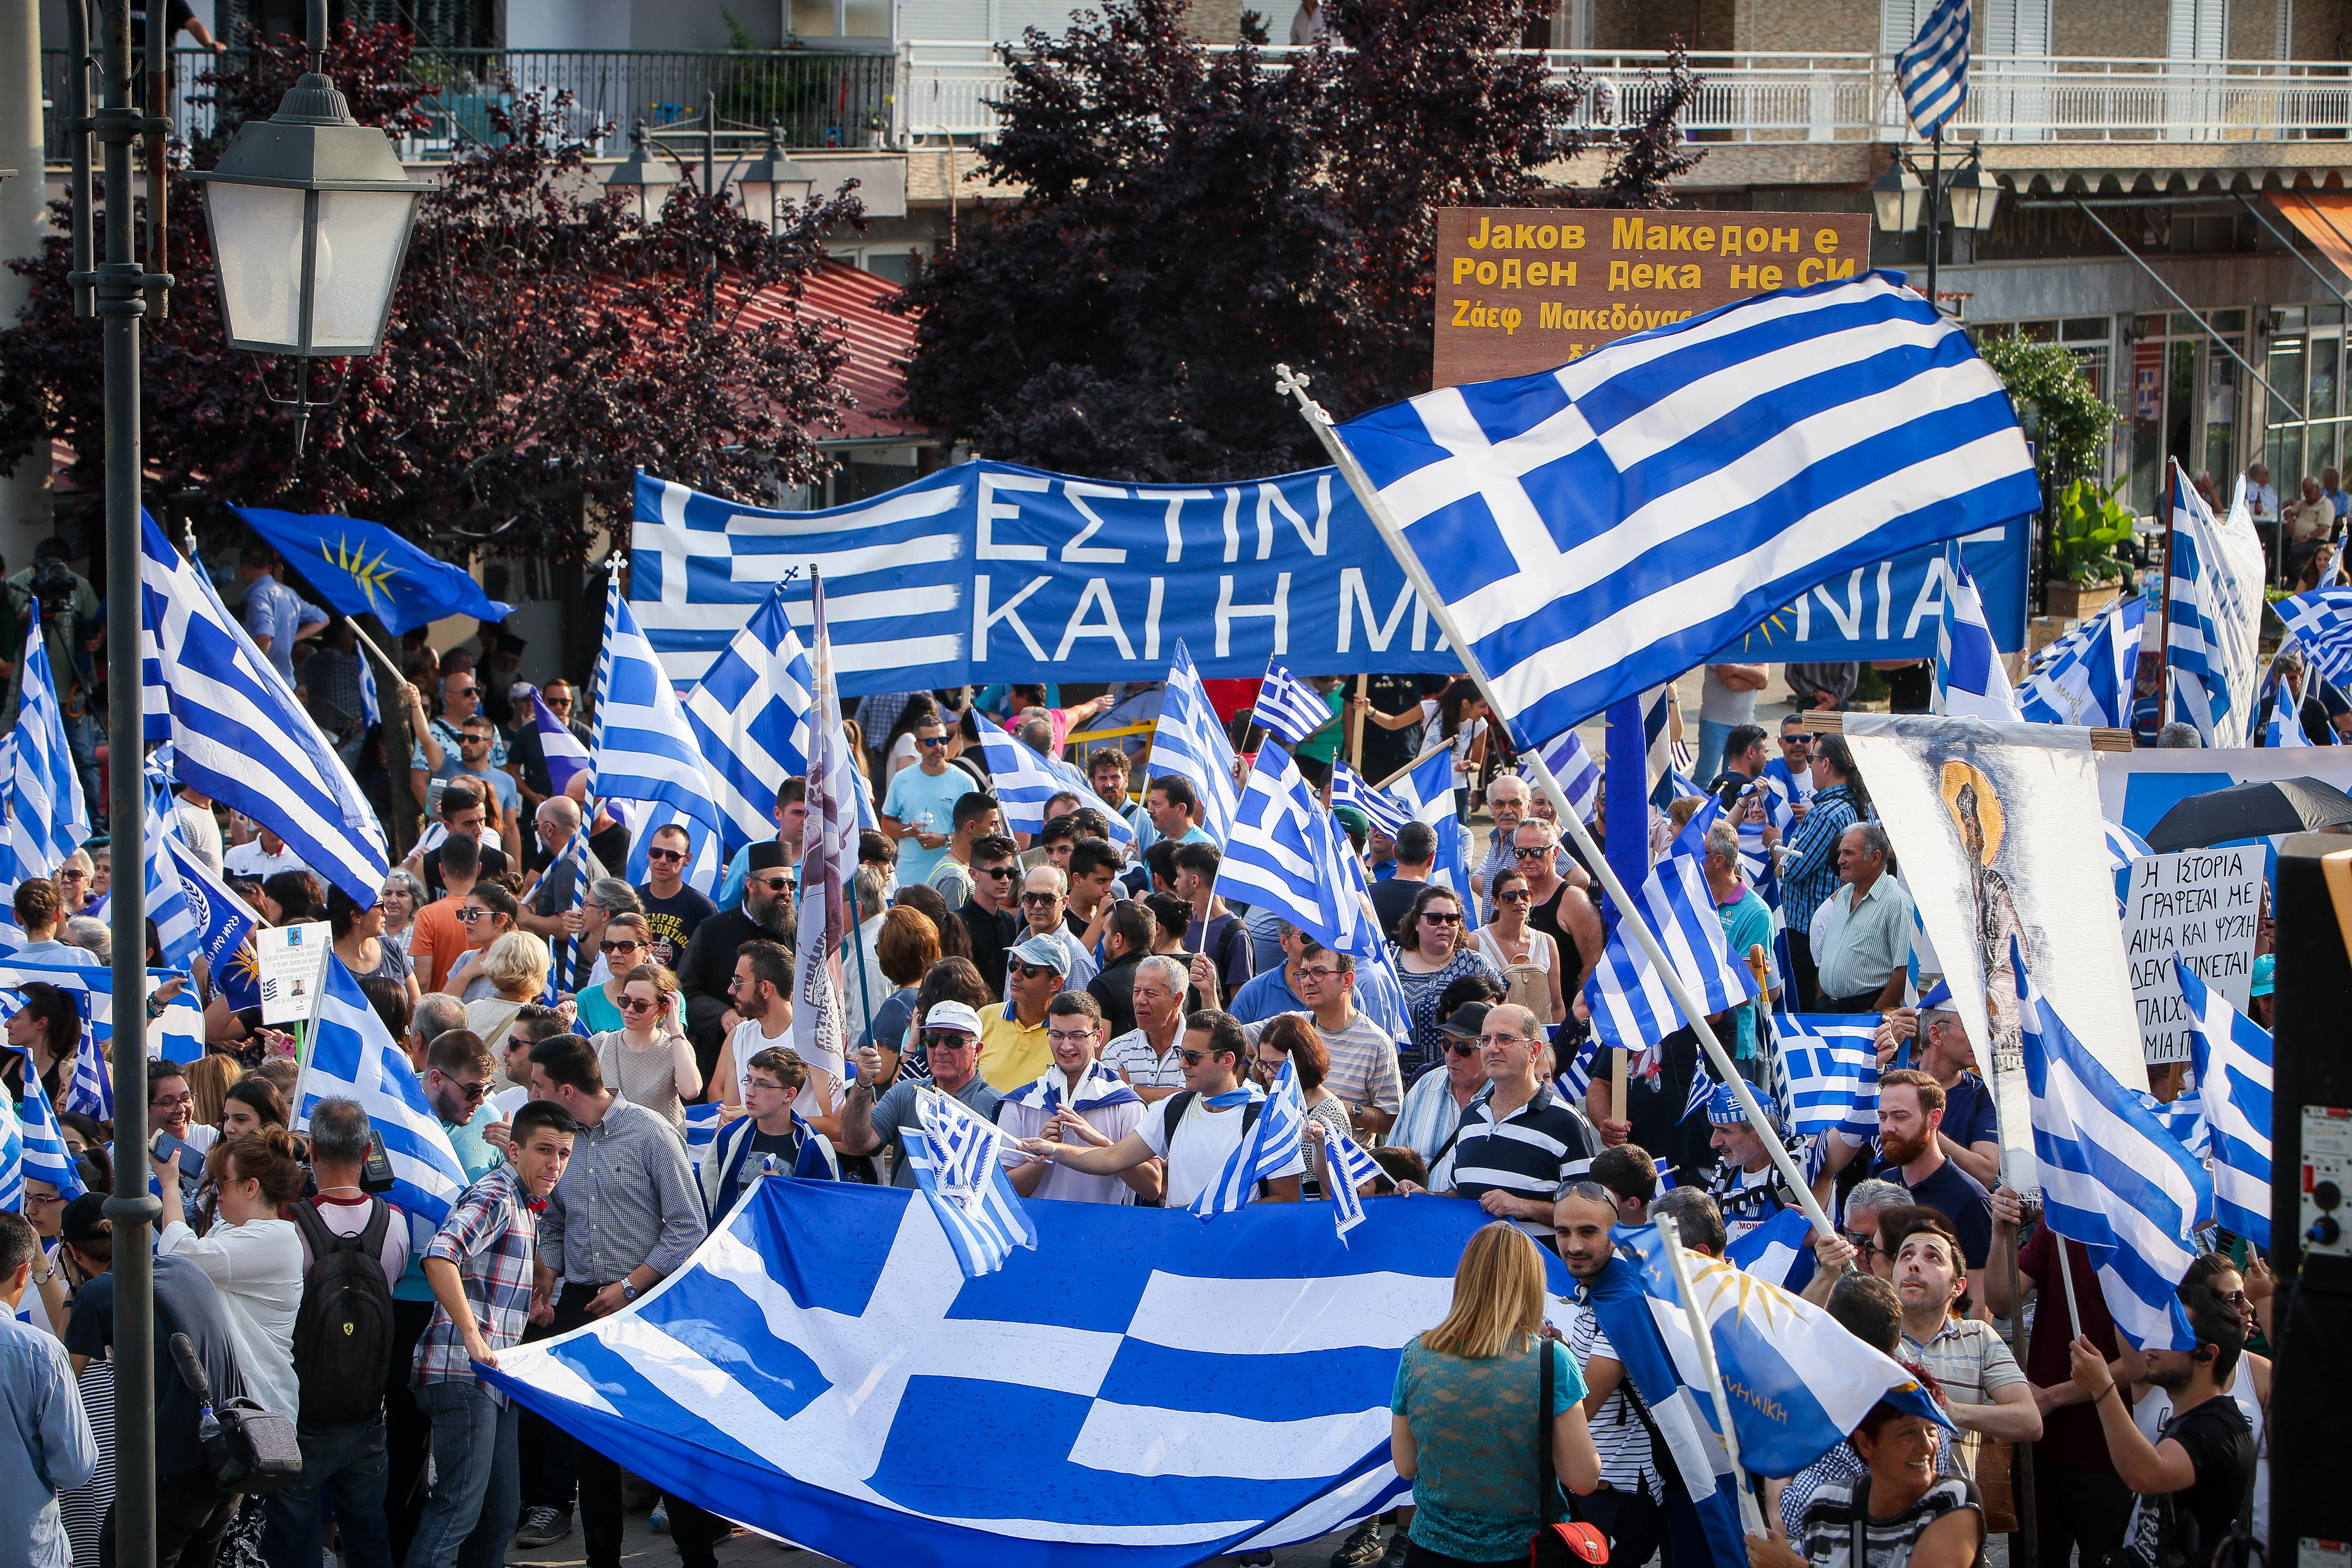 chiliades-diadilosan-gia-ti-makedonia-se-23-poleis-tis-choras-fotografies-amp-8211-vinteo3